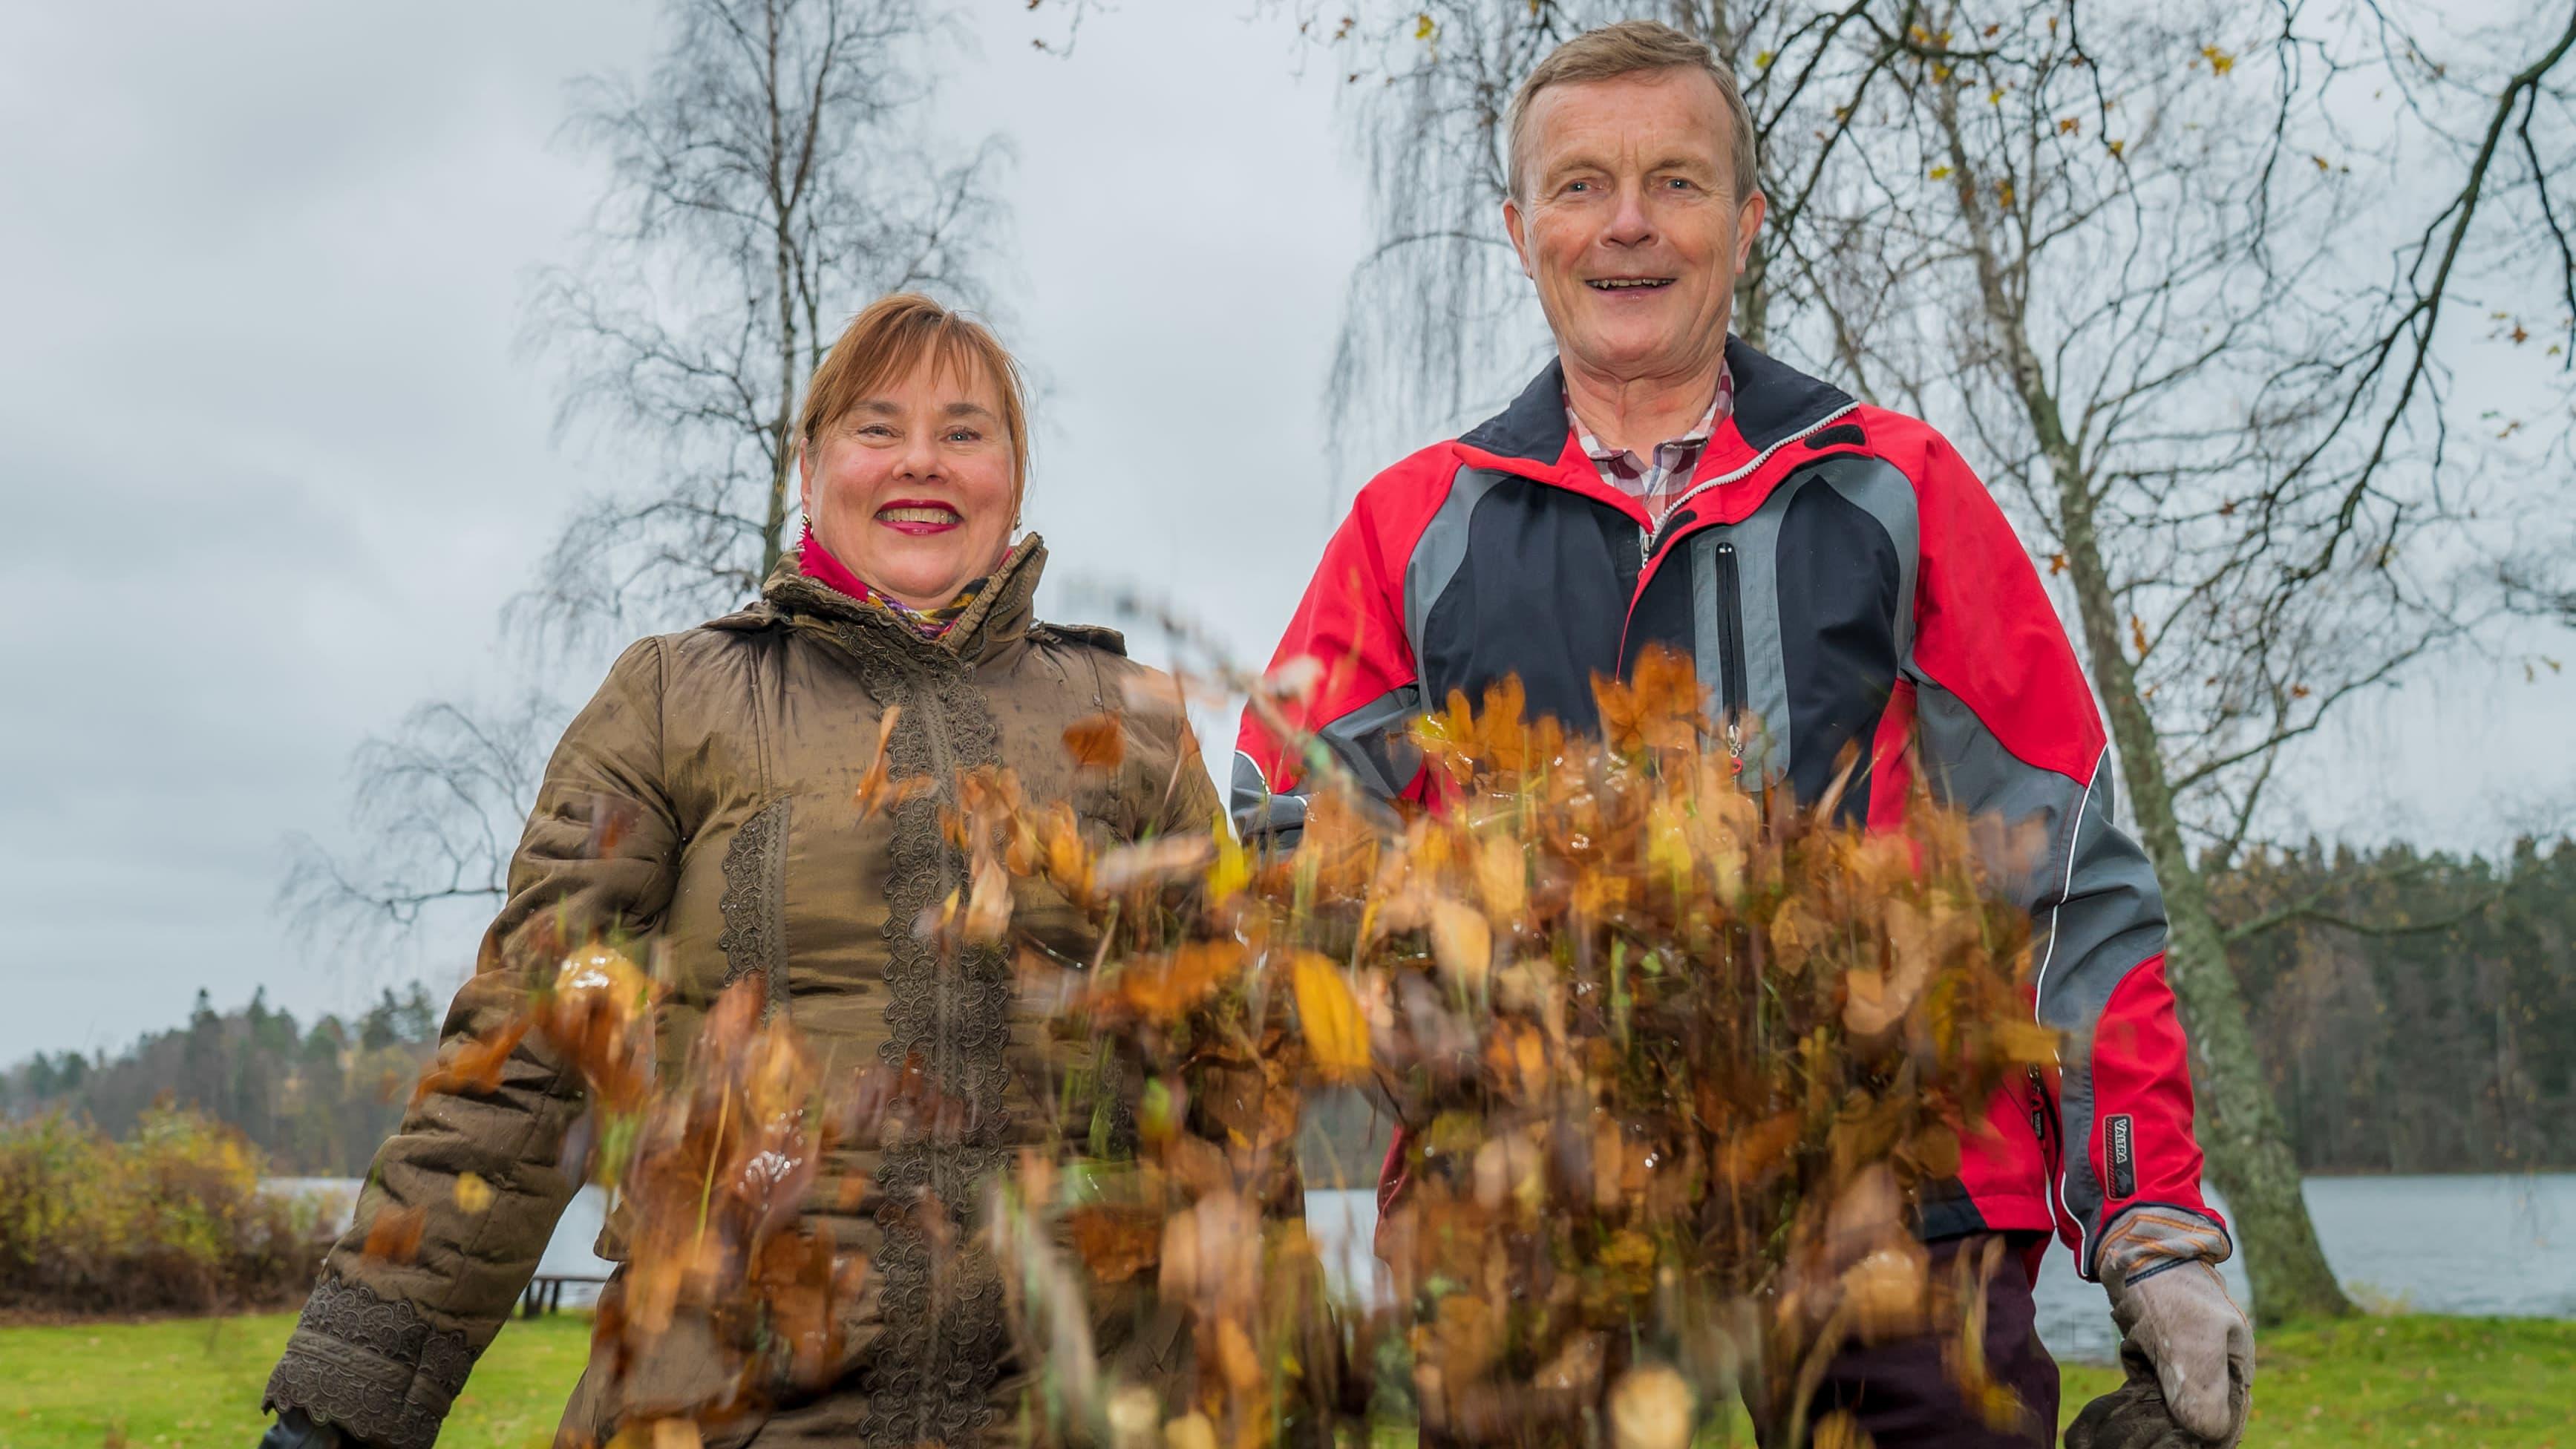 Espoolaispariskunta, Eeva- Liisa Tanskala ja Juhani Rahkonen heittämässä syksyn lehtiä.